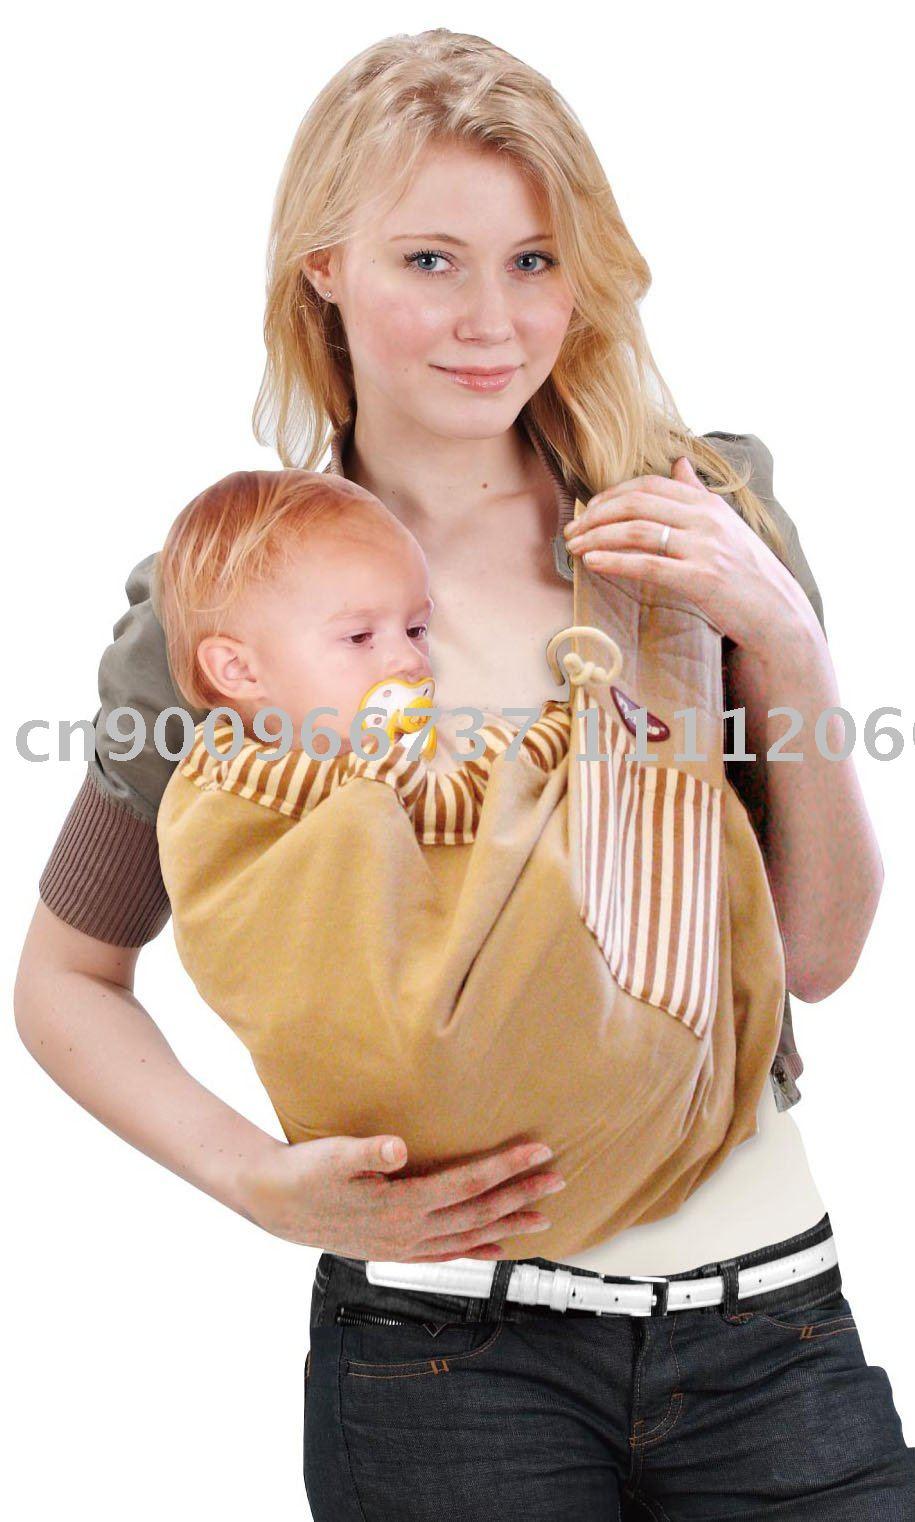 Atacado caminhadas portador de bebê, bebê recém-nascido Vrbabies estilingue, estilingue infantil, estilingues portador de bebê, crianças portadoras de caminhada(China (Mainland))